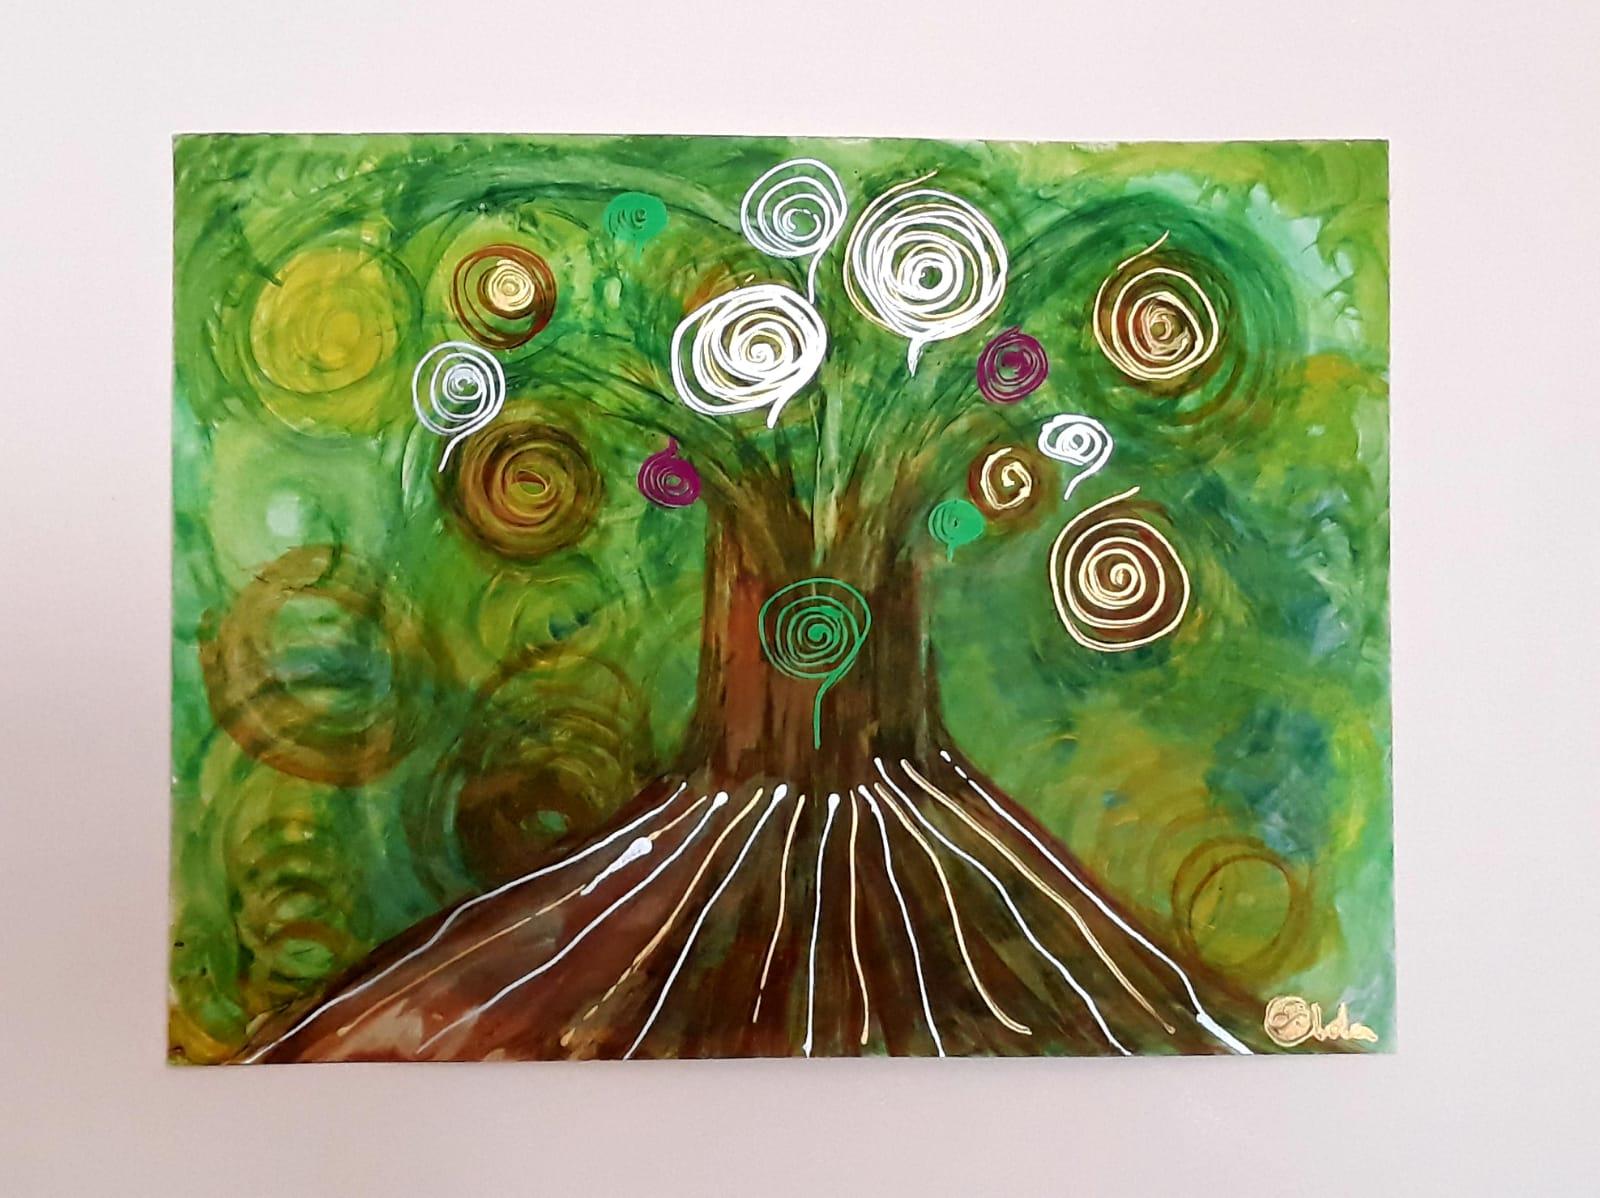 Árbol que sana y brilla - Lola Ortega Mairiel